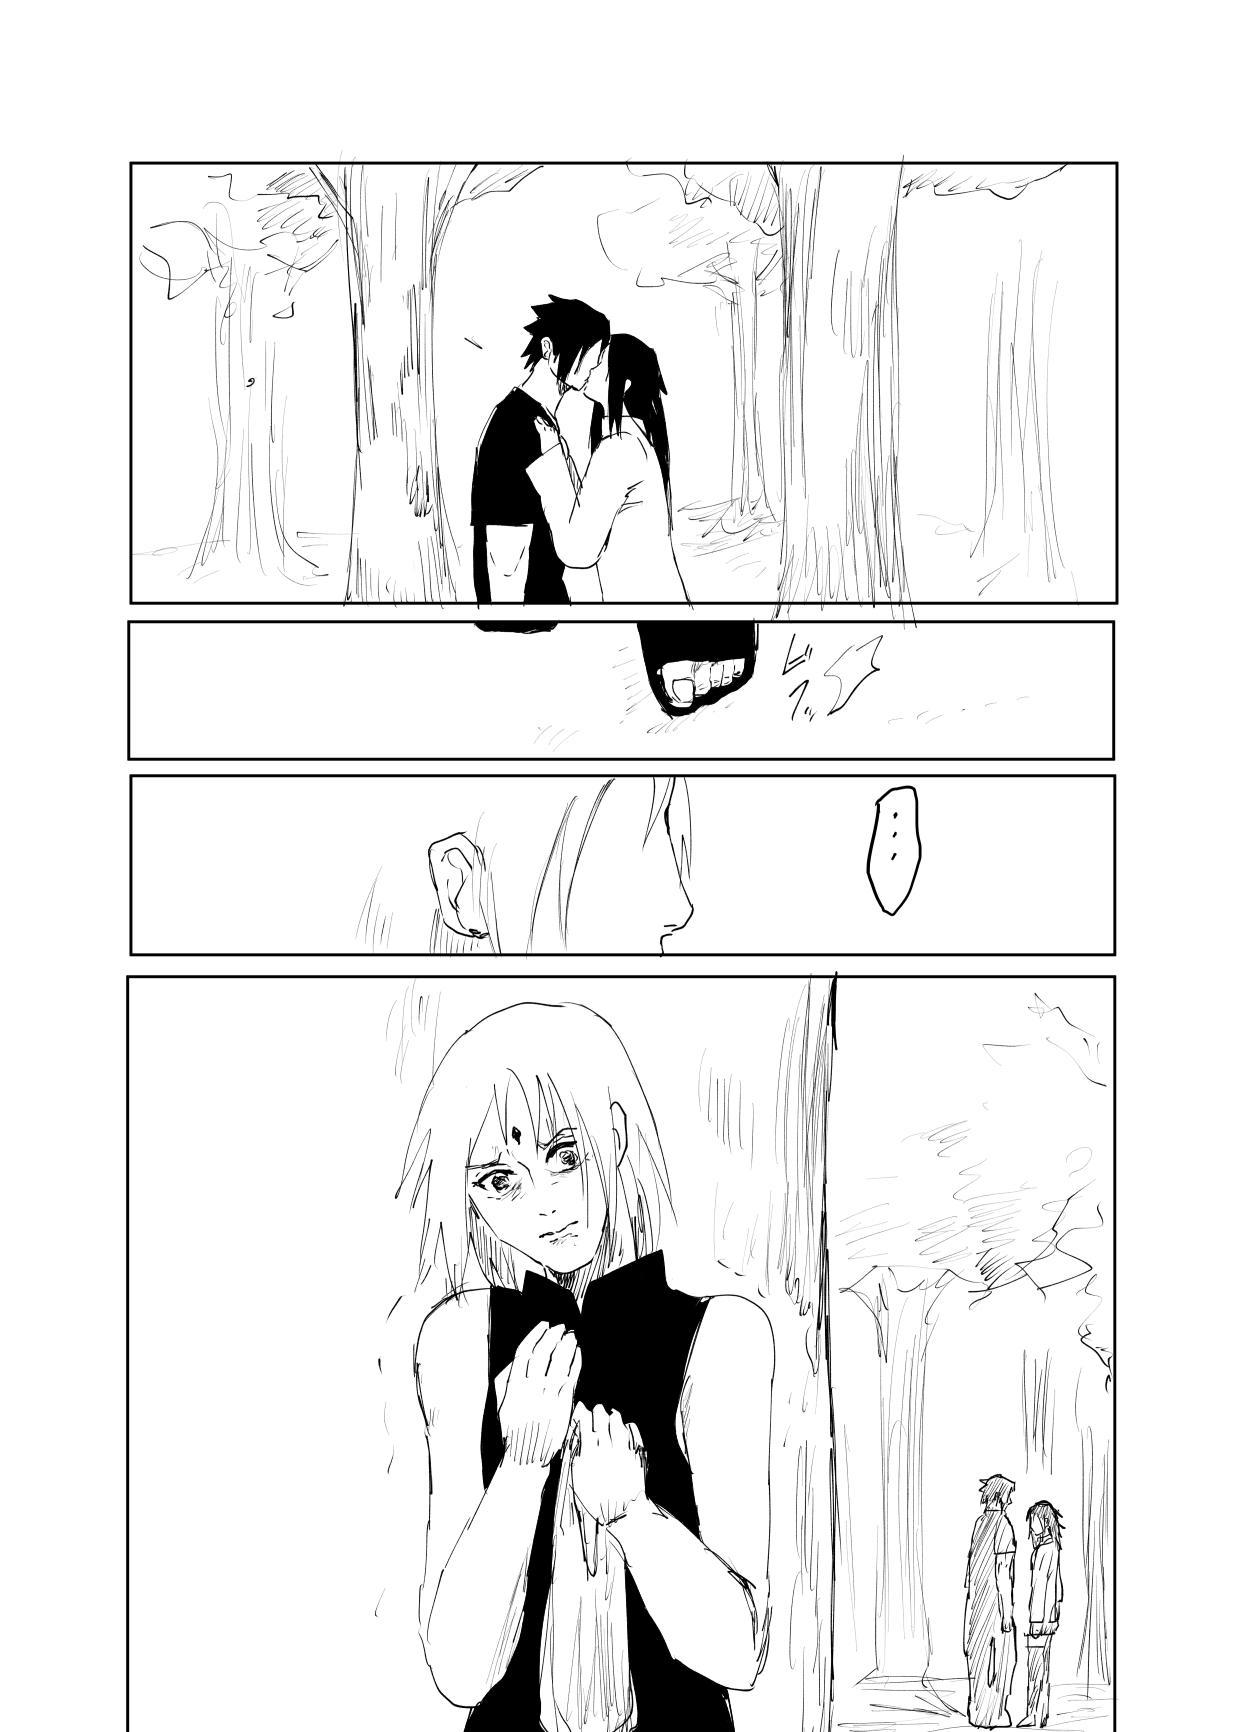 嘘告白漫画 40